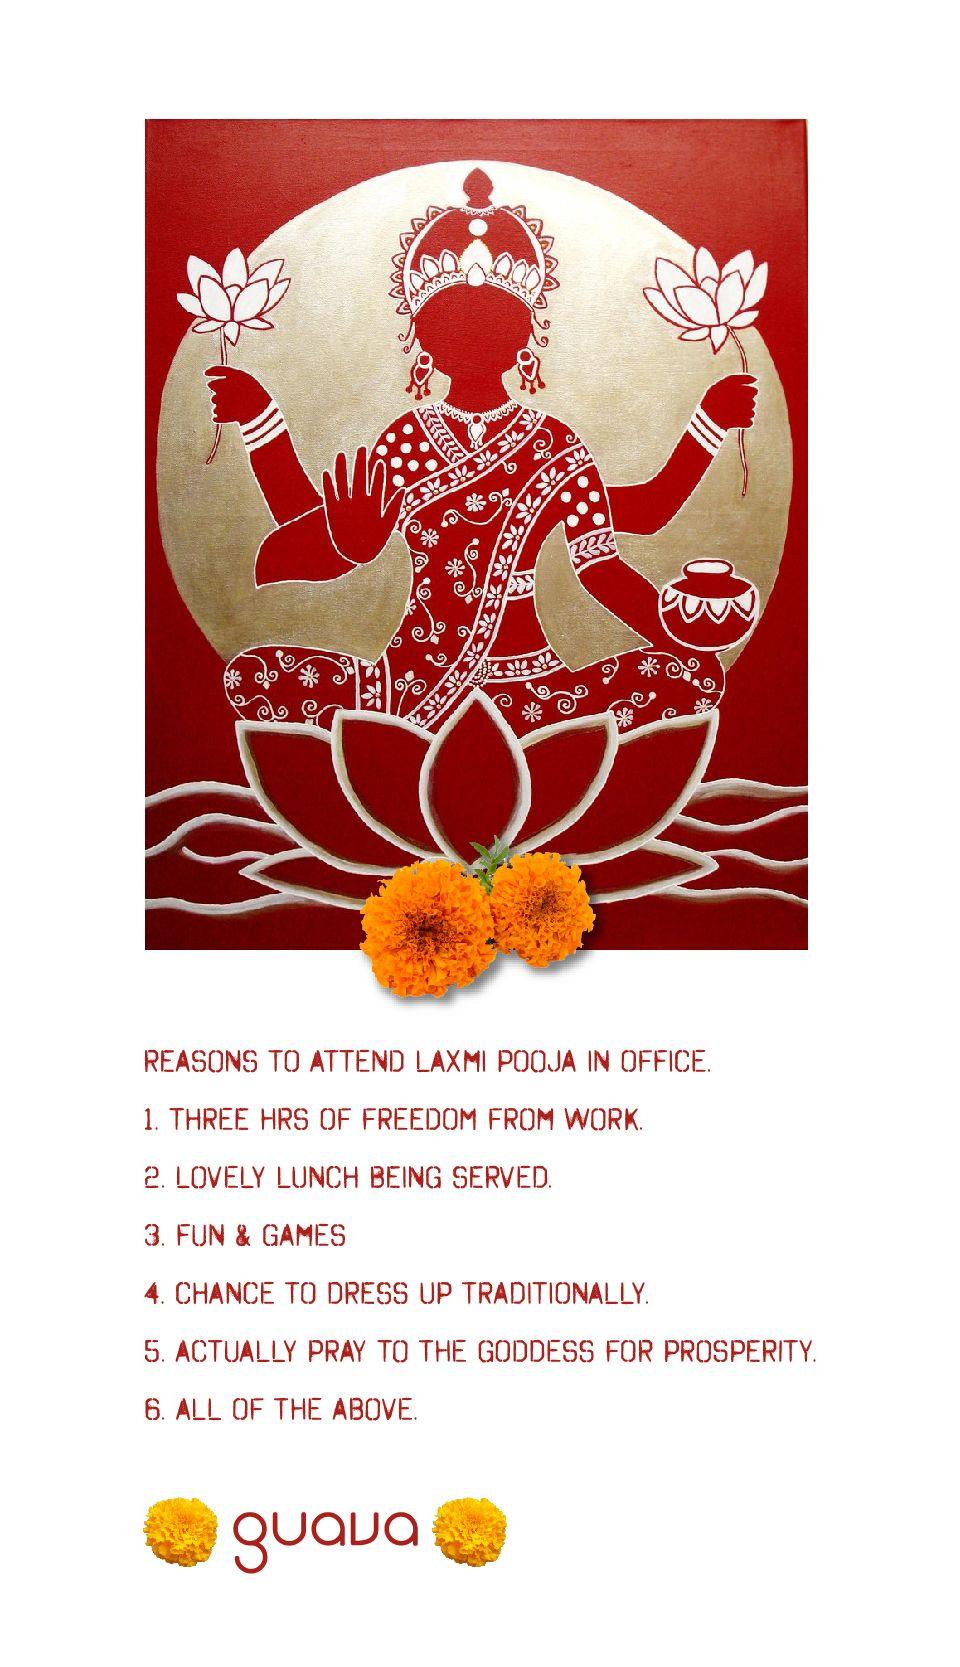 Laxmi Puja Invite Invitations Invitation Template Fun Games